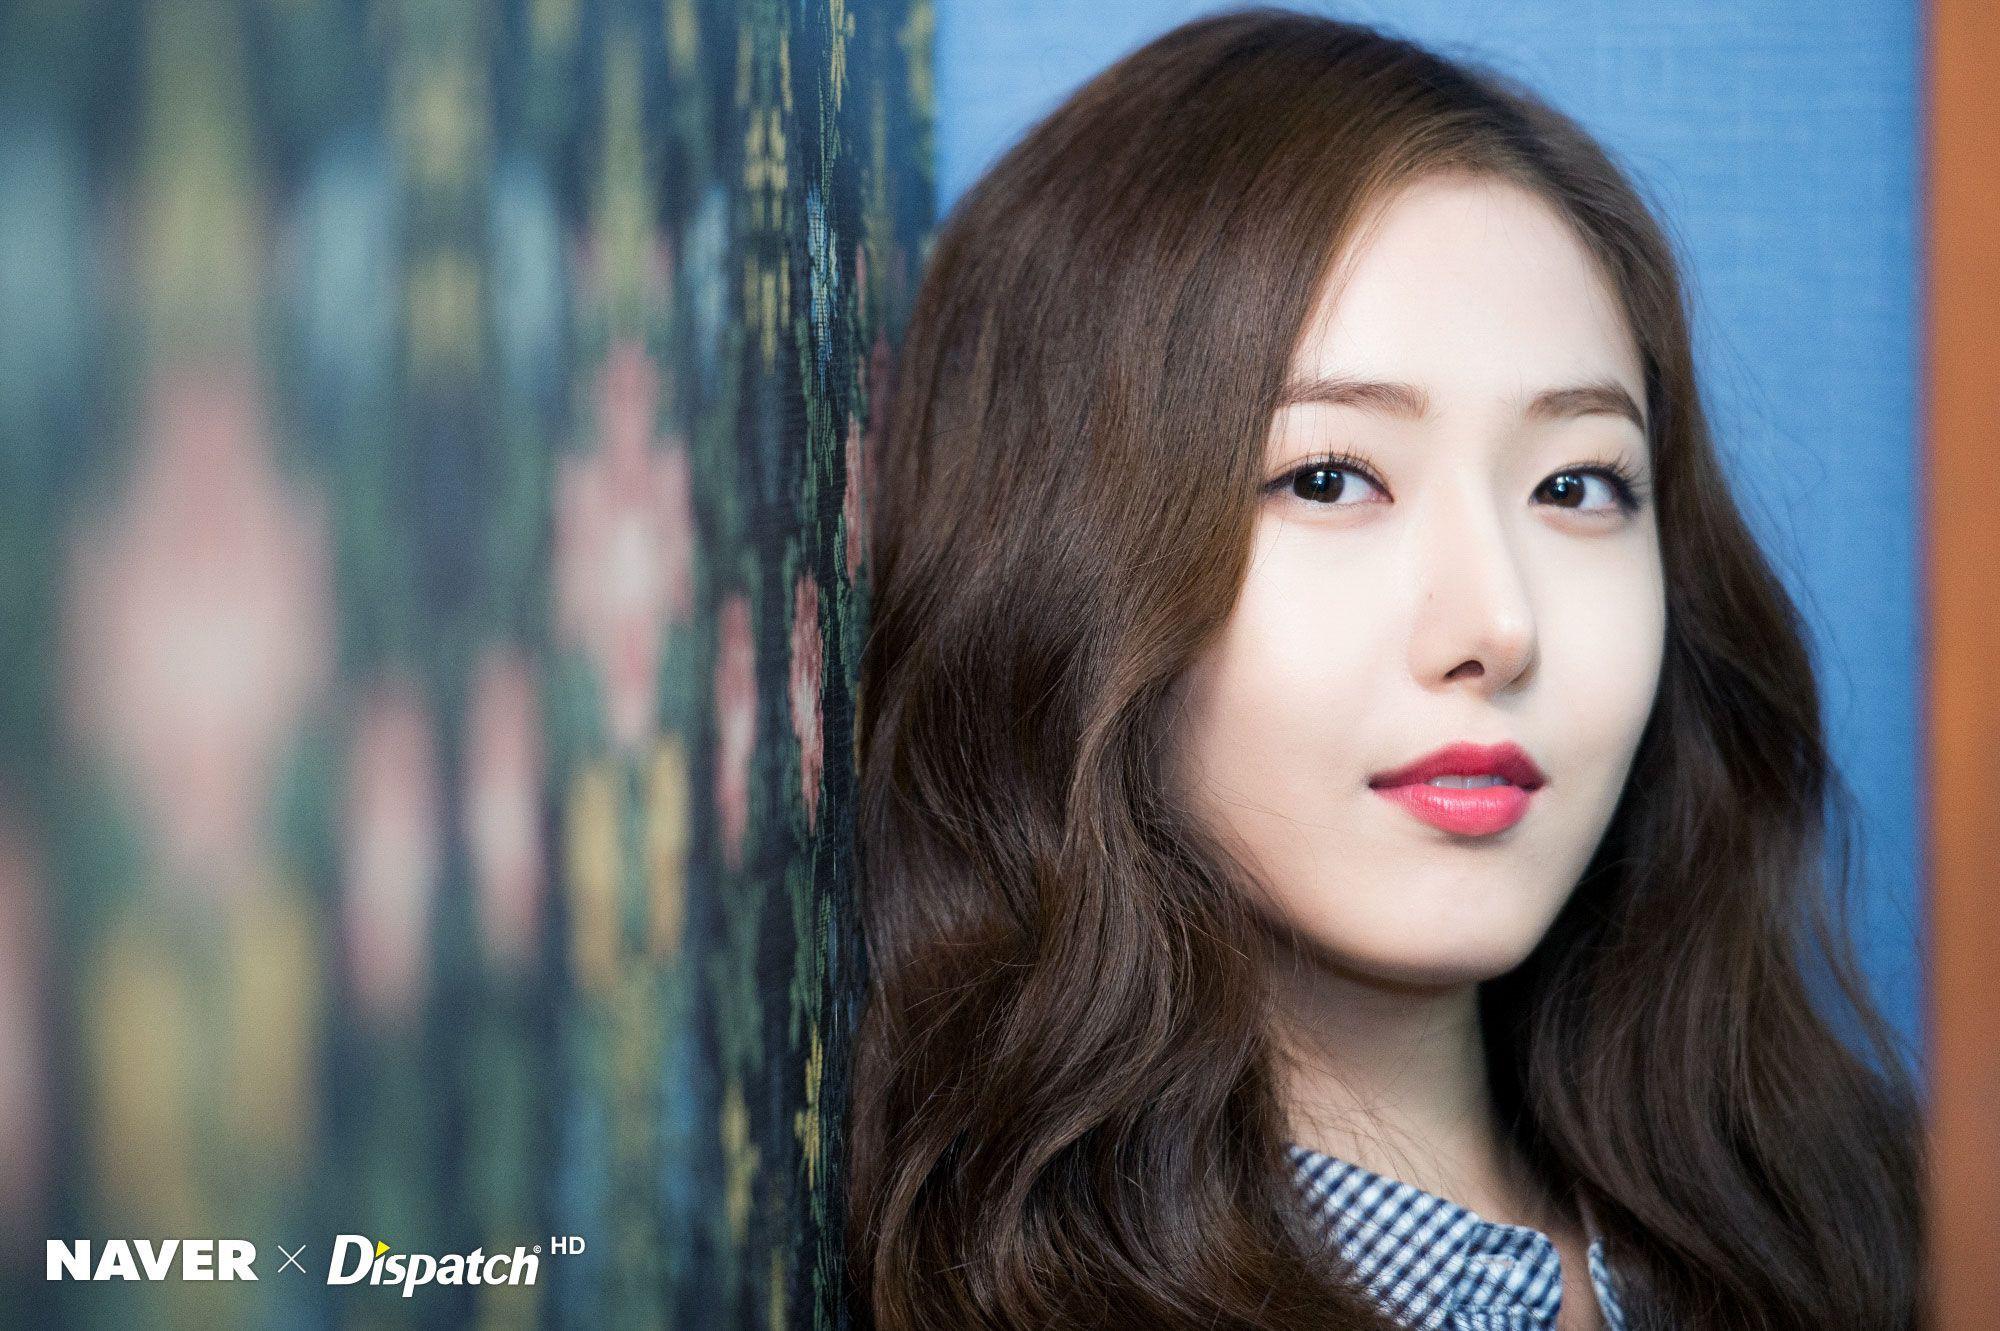 Ngược đời idol Kpop là visual nhưng không nói thì chẳng ai hay: Đẹp cực phẩm nhưng toàn bị thành viên khác lấn át - Ảnh 6.